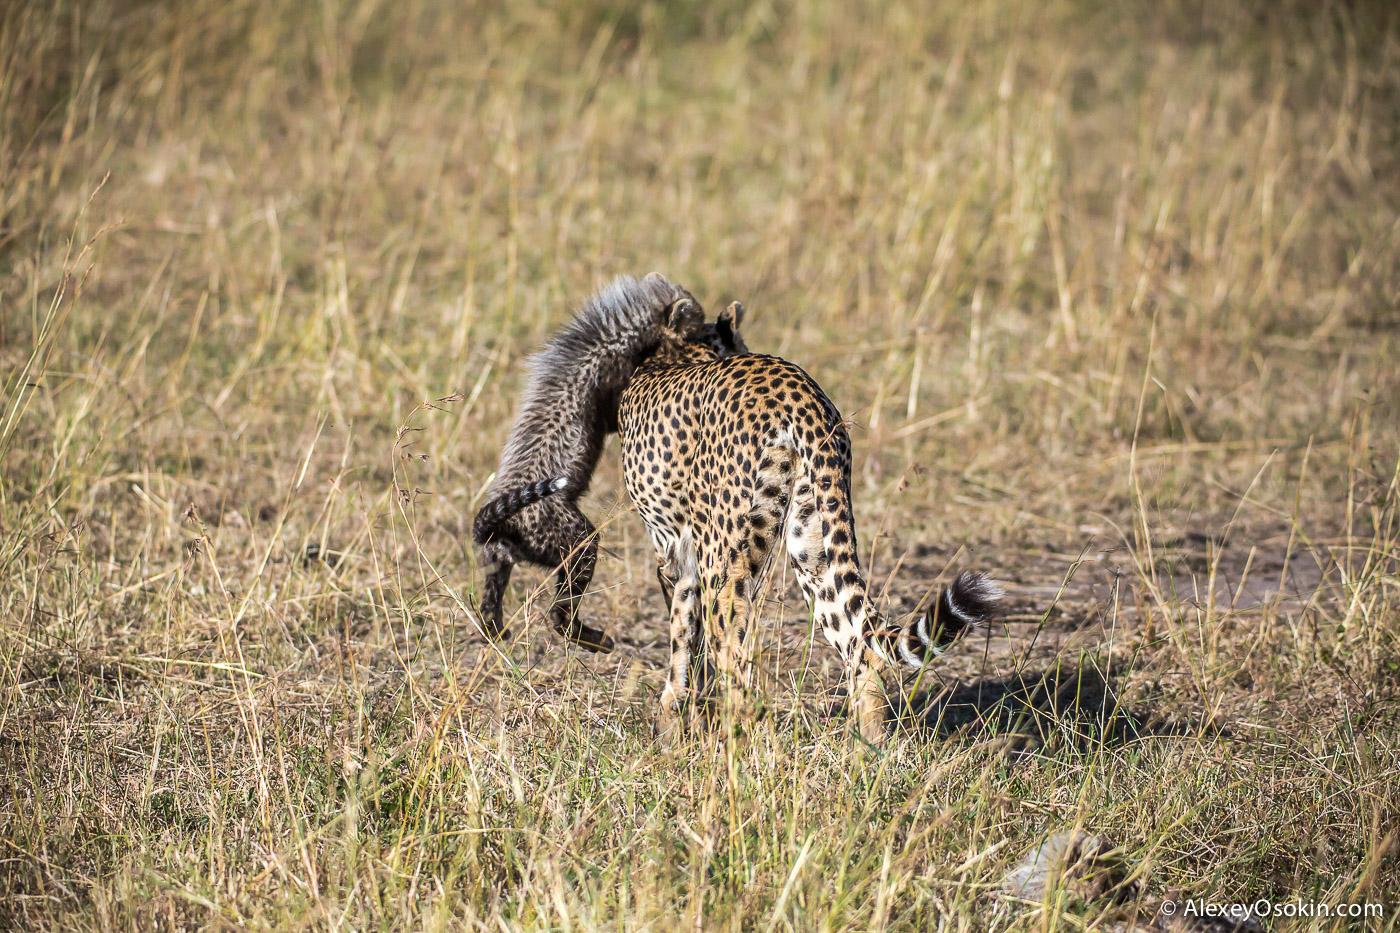 kenya-cheetah2-ao, aug.2015-15.jpg